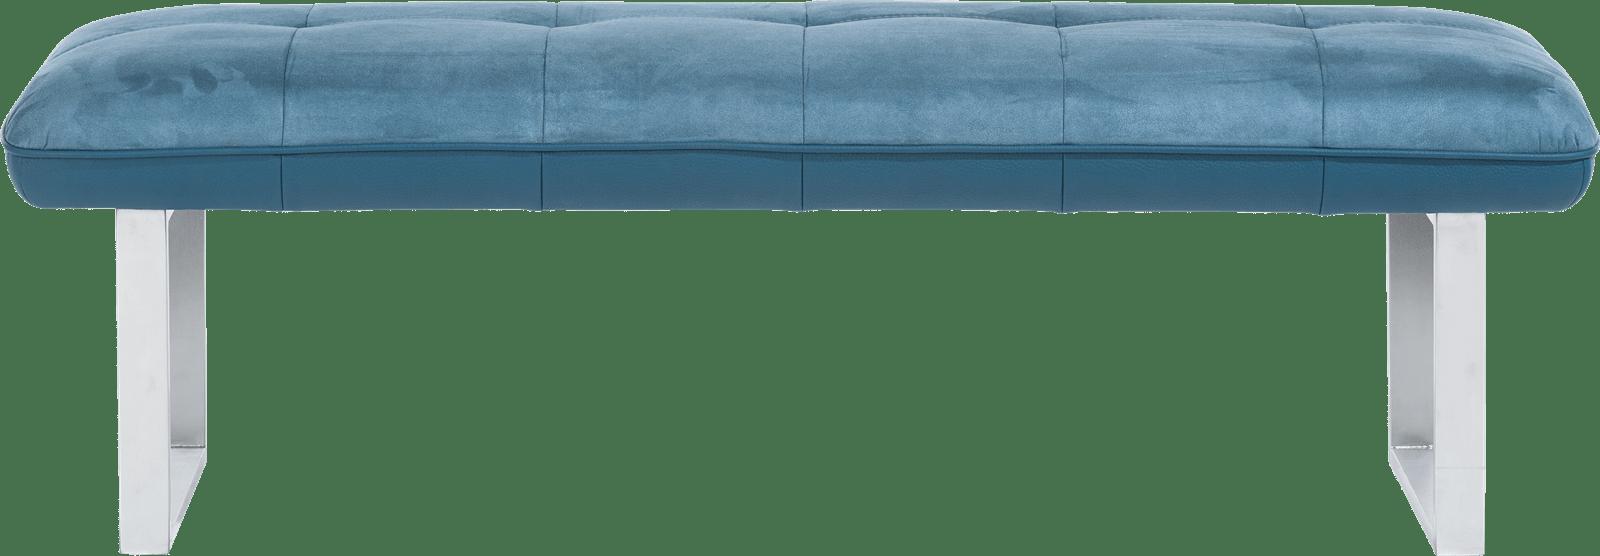 Milva Bank - bank zonder rug + pocketvering - 155 cm